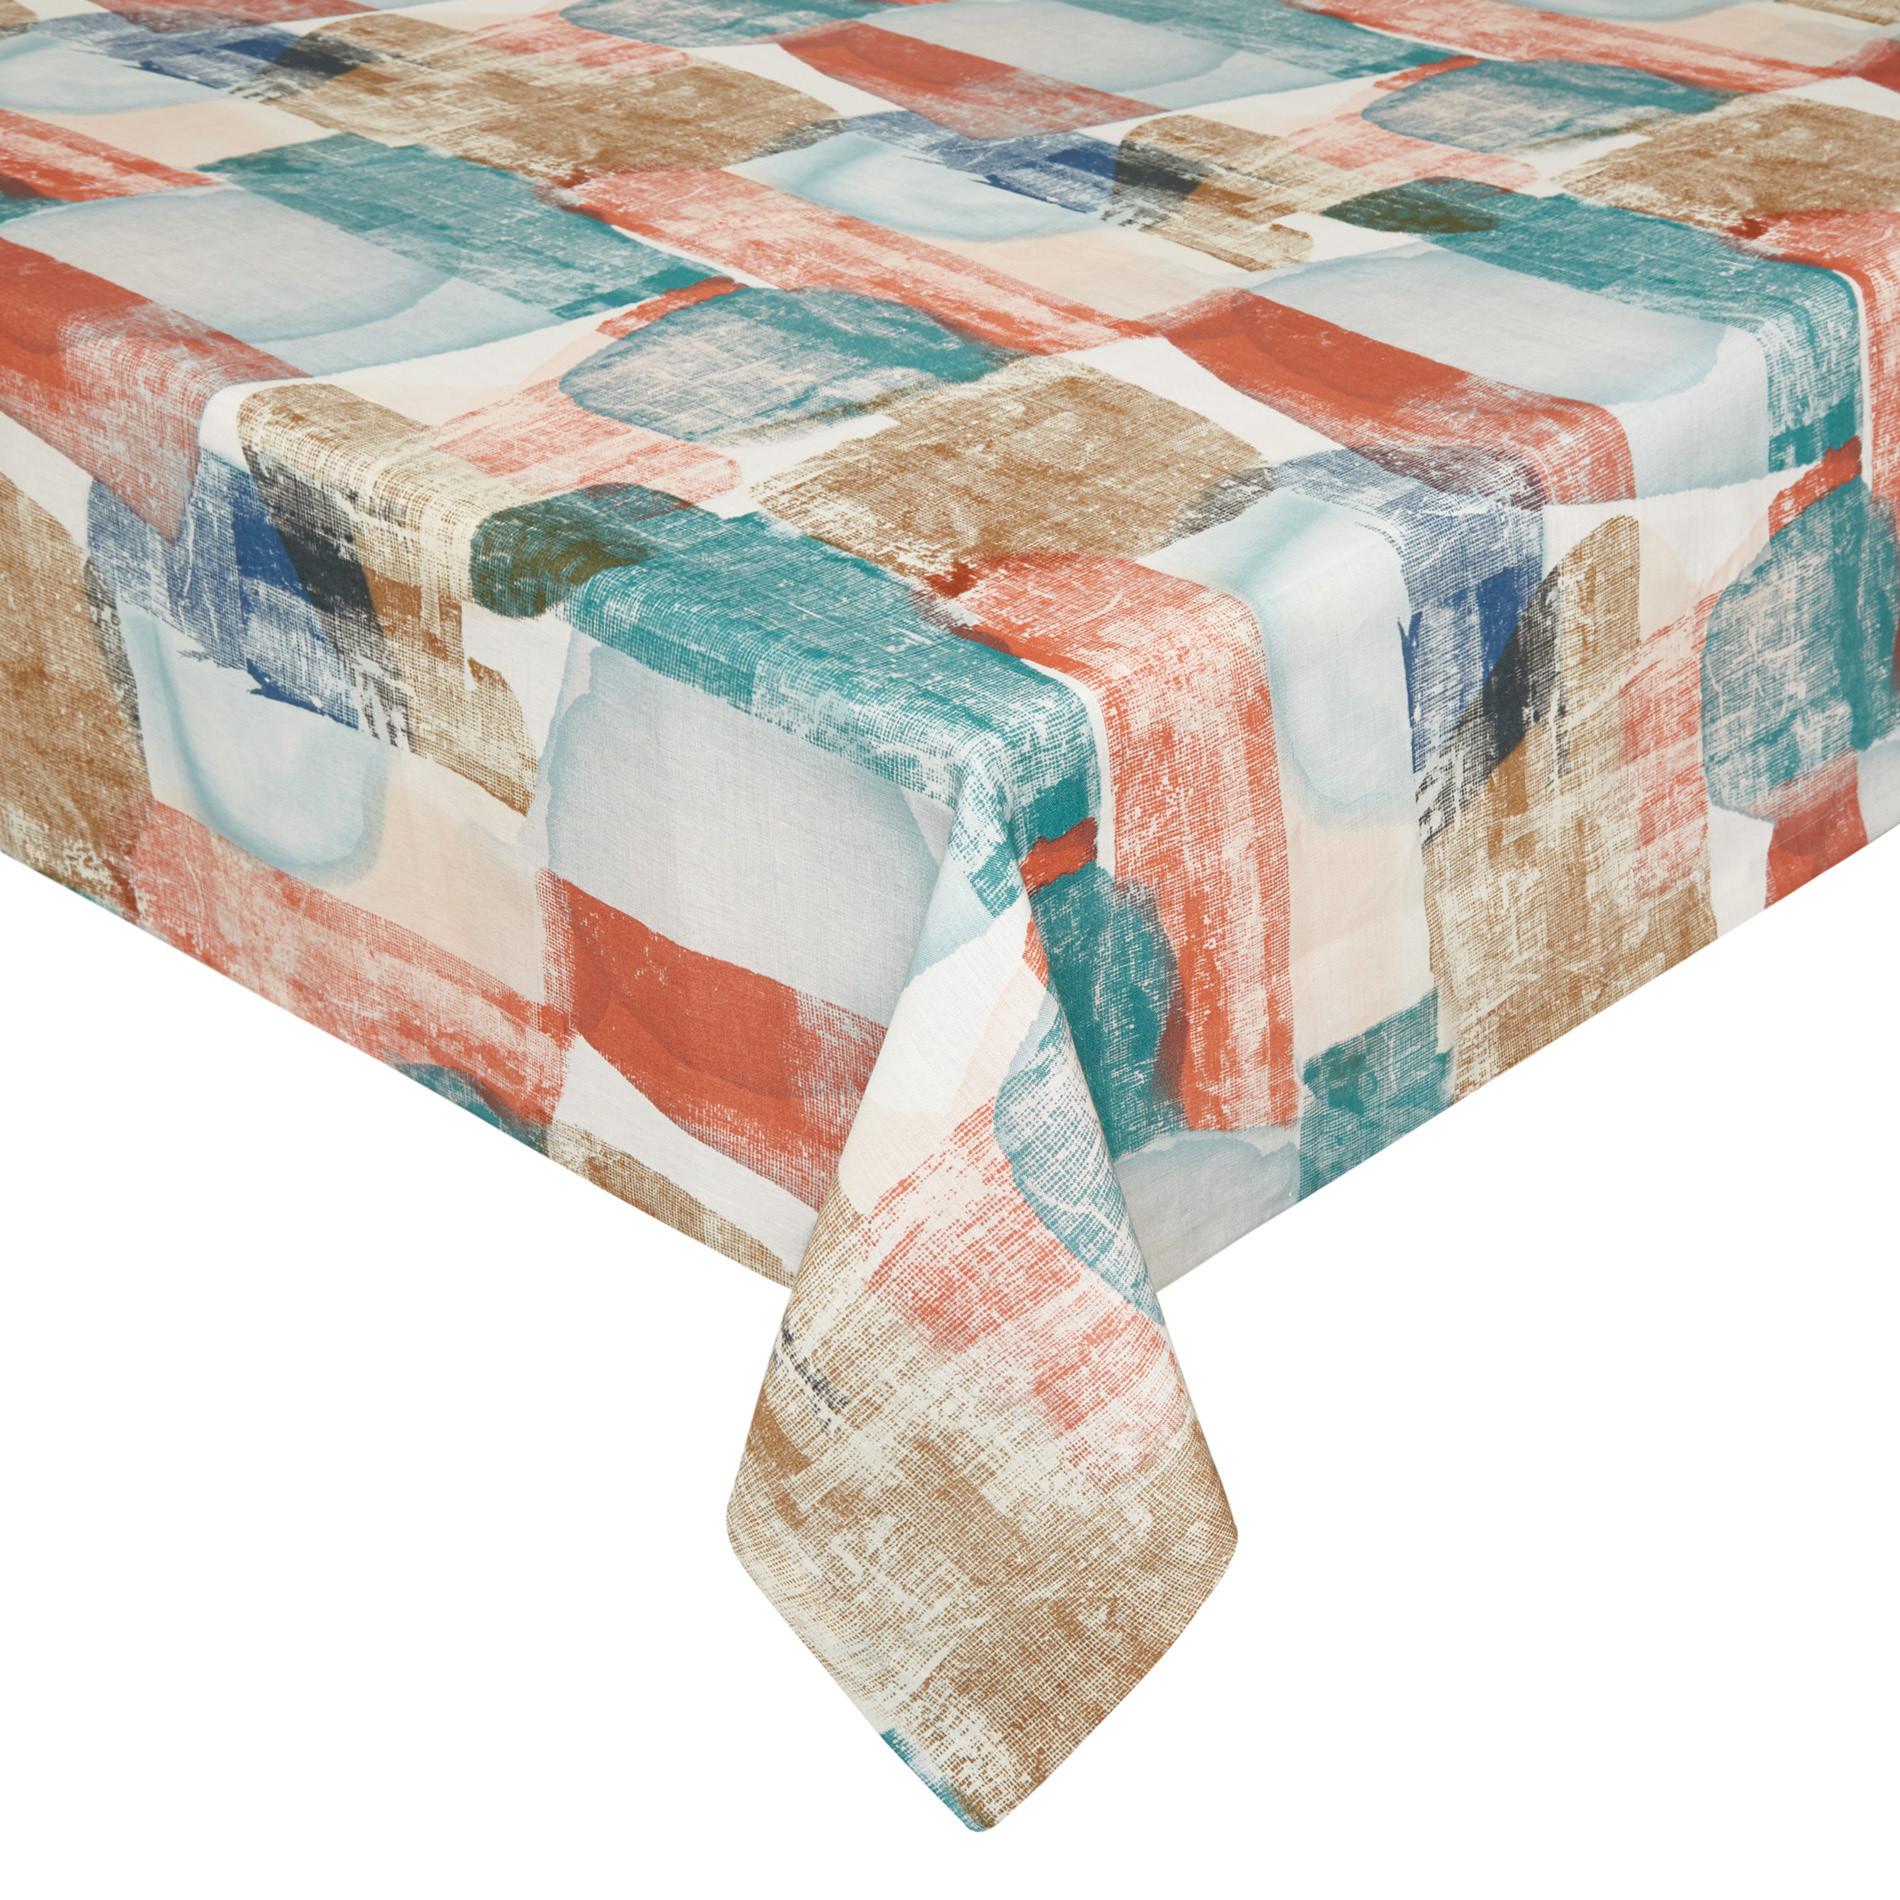 Tovaglia puro lino stampa astratta, Multicolor, large image number 0